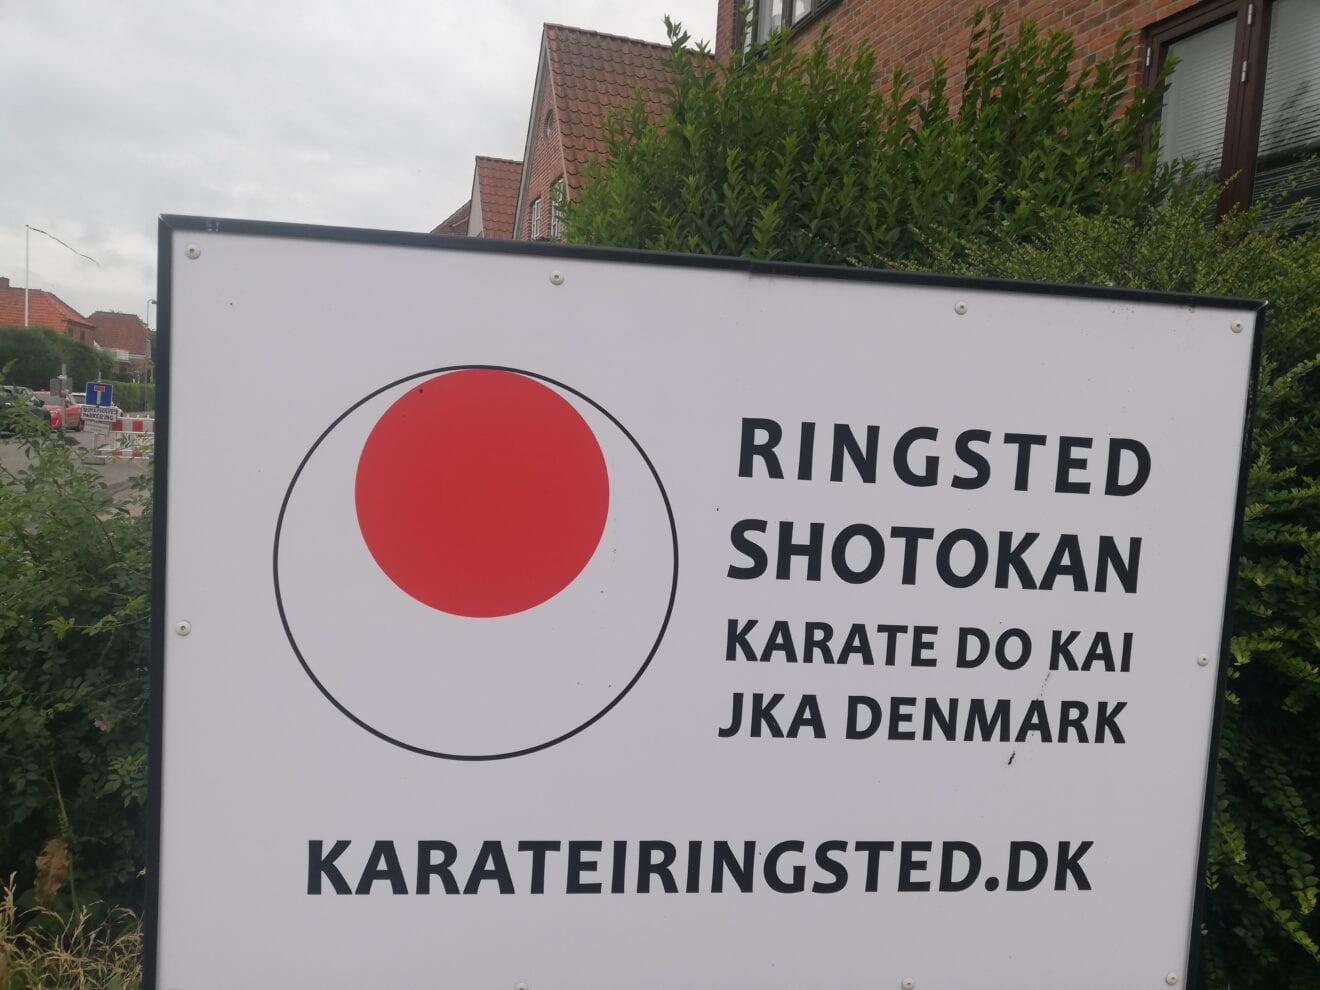 Tillykke til karateklubben